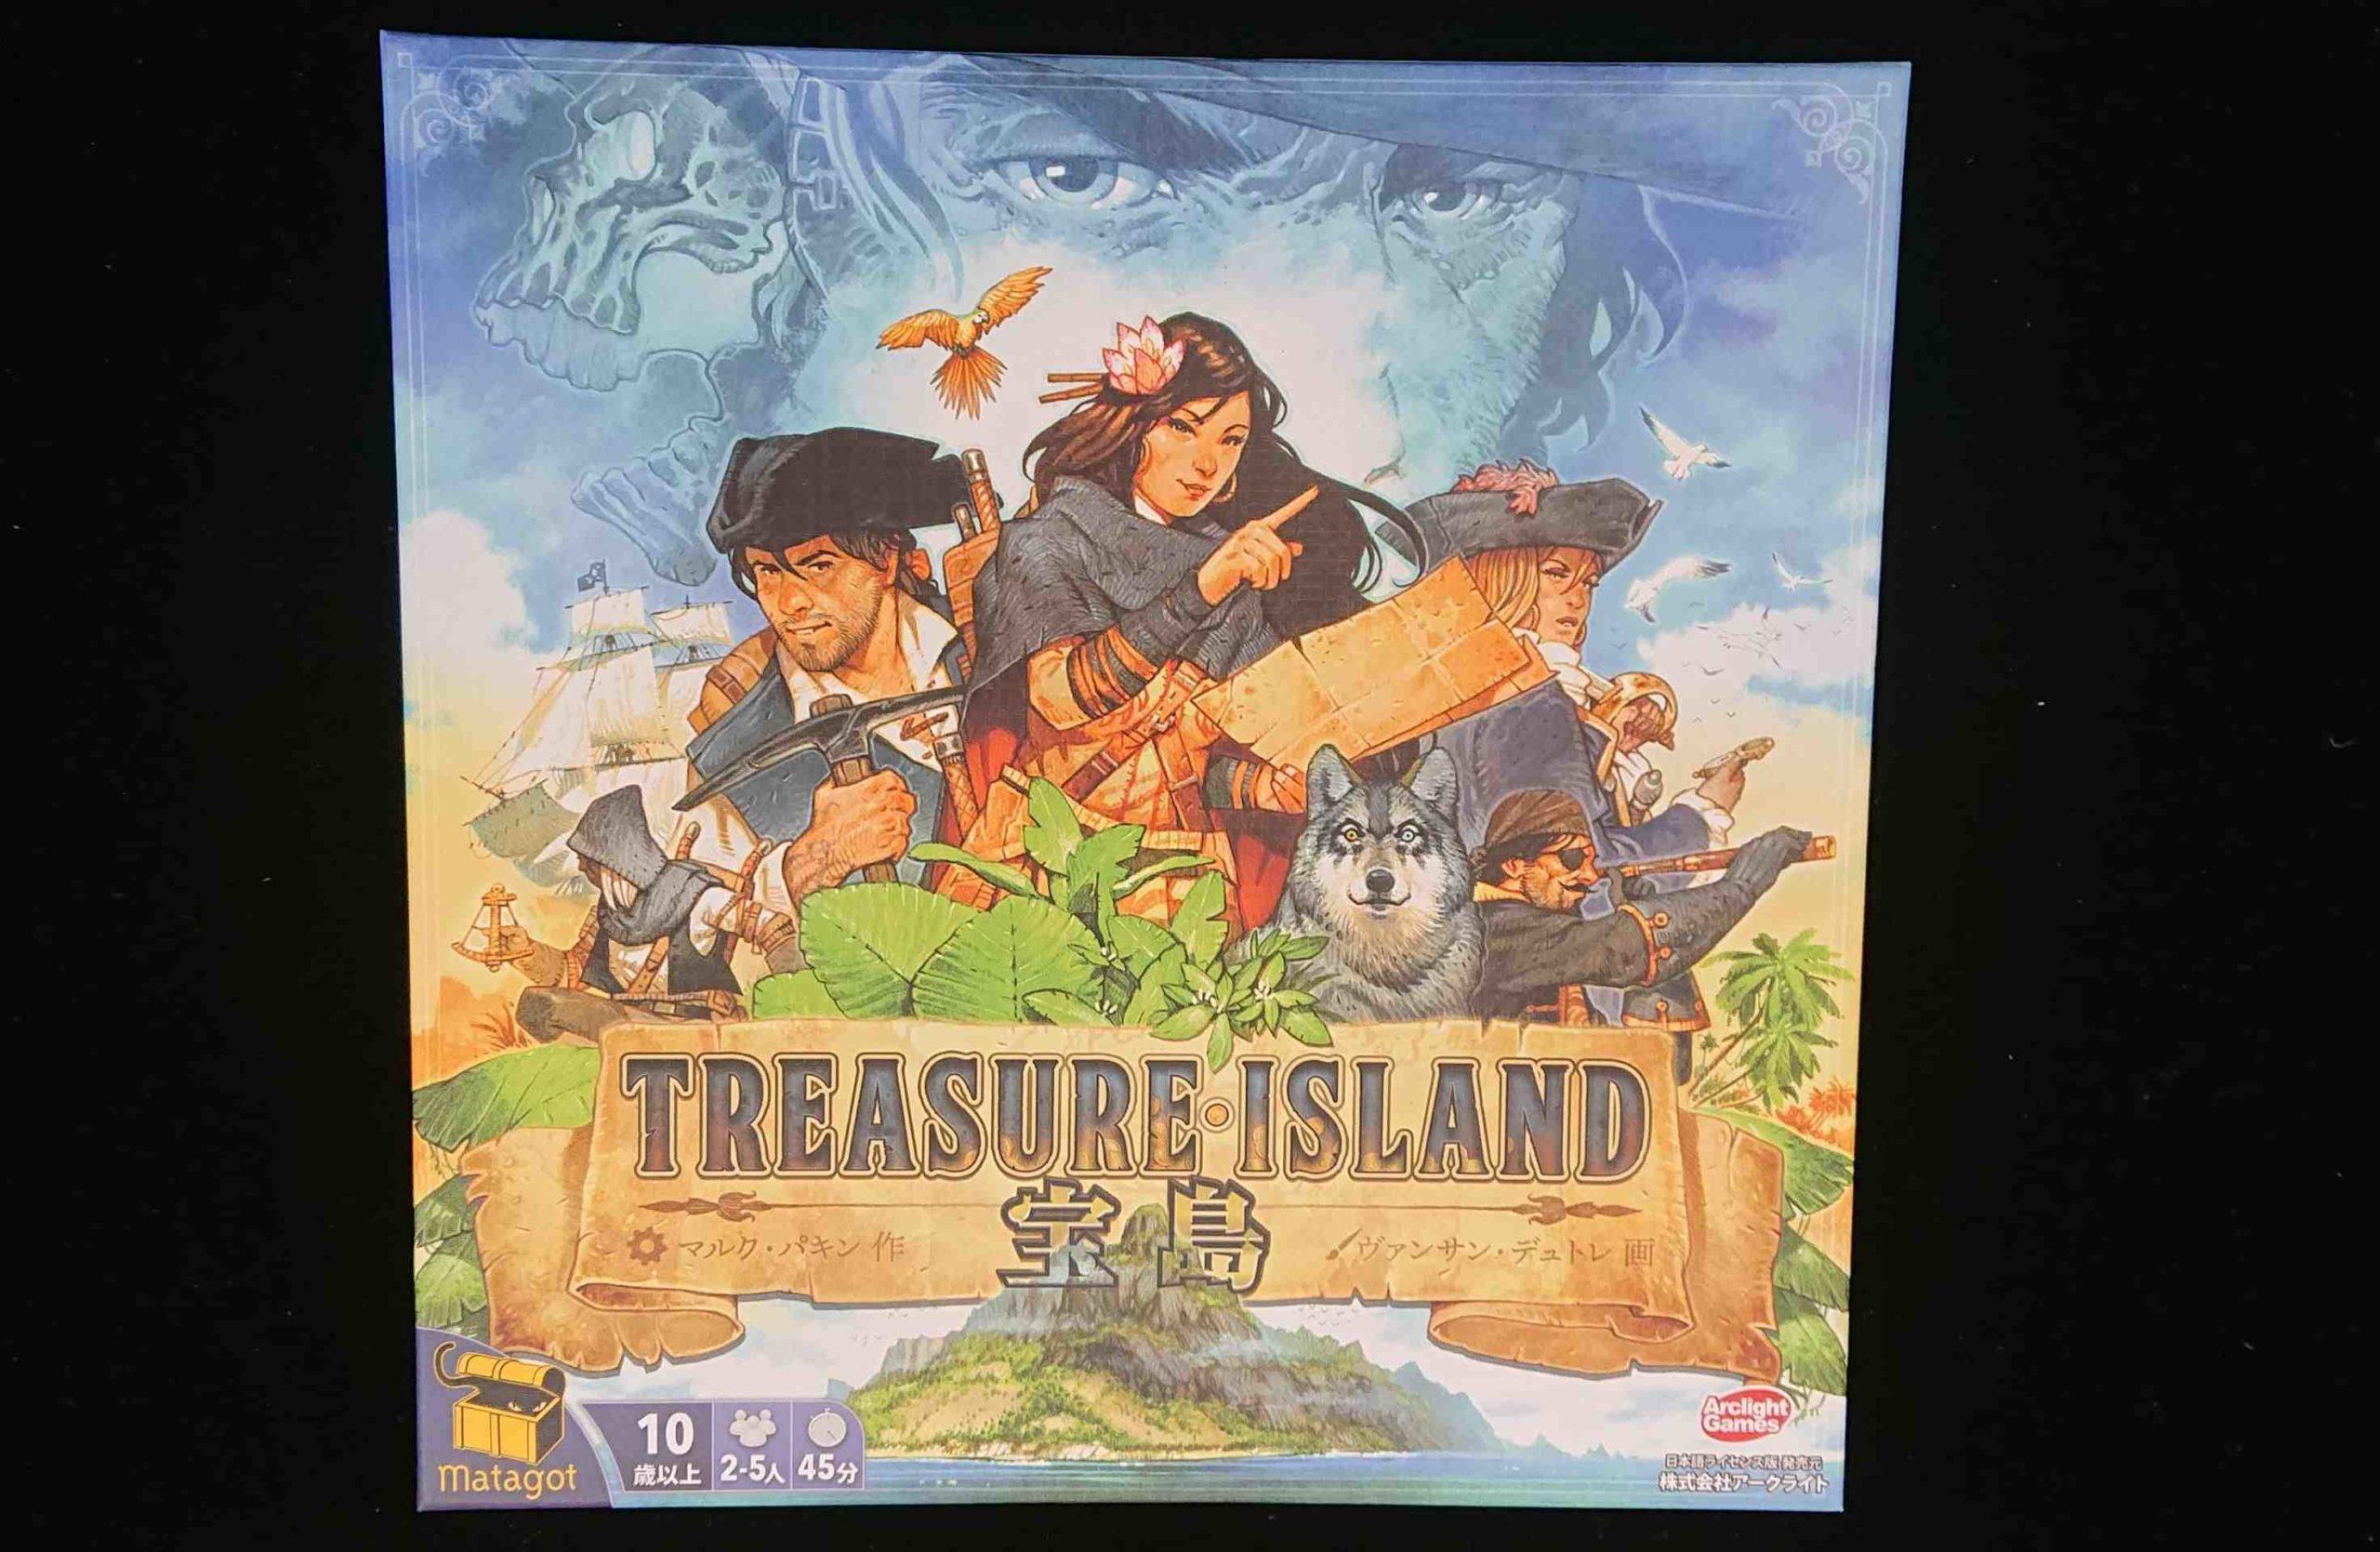 「宝島」「ノヴァルナ」「BIGDIG」「KAMAKURA COLLECTION」ボードゲーム会でプレイしたゲーム感想